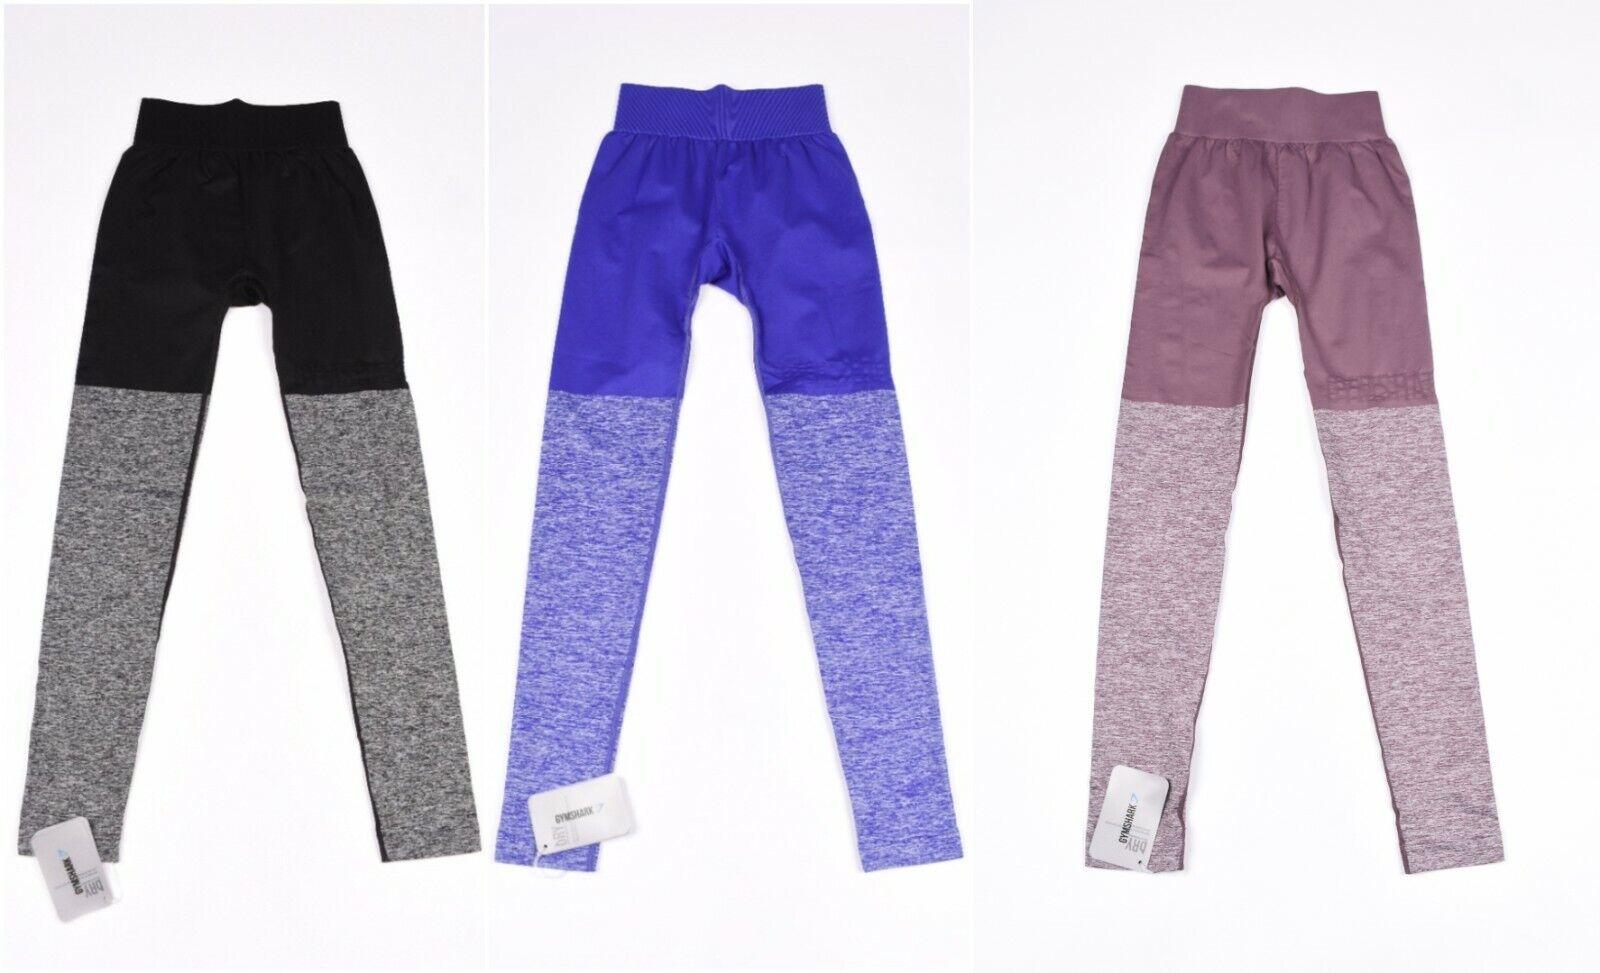 Gymshark Zwei Farbig Nahtlos Fitness Crossfit Damen Leggings GRÖSSE XS, S, Viele